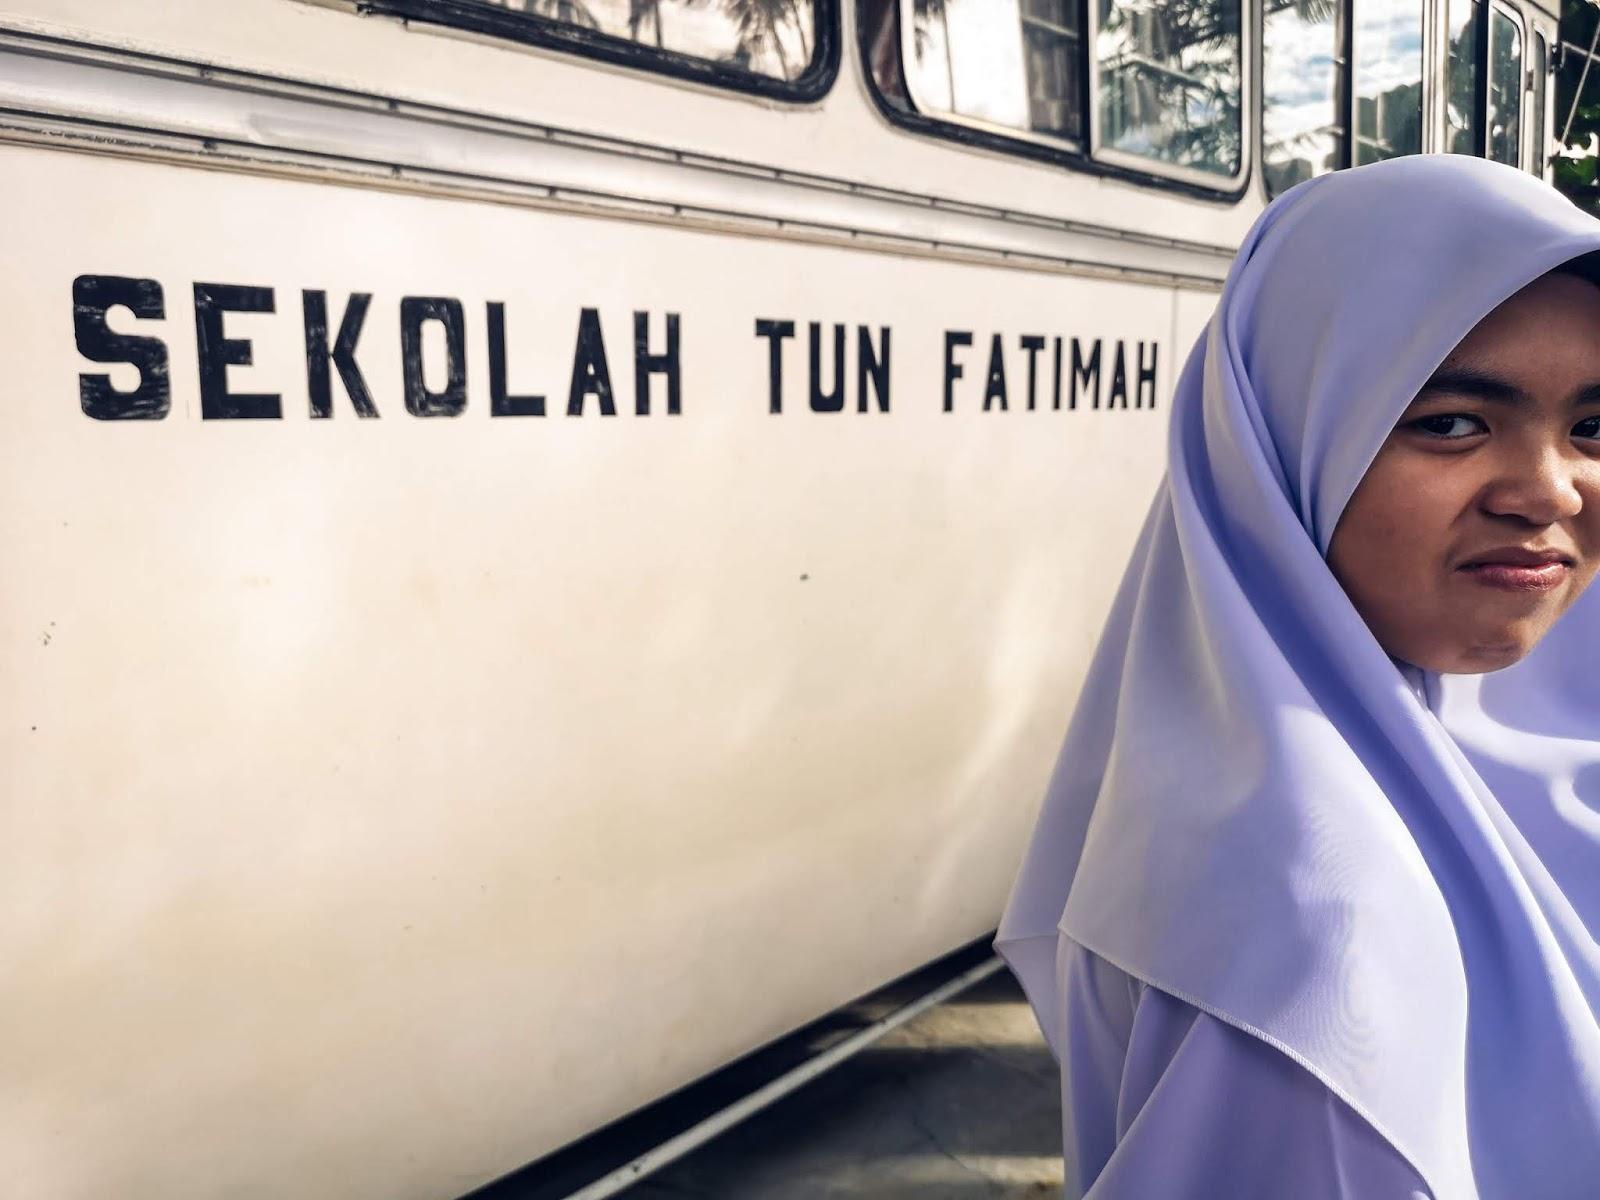 Hanis Ke Sekolah Tun Fatimah, Johor